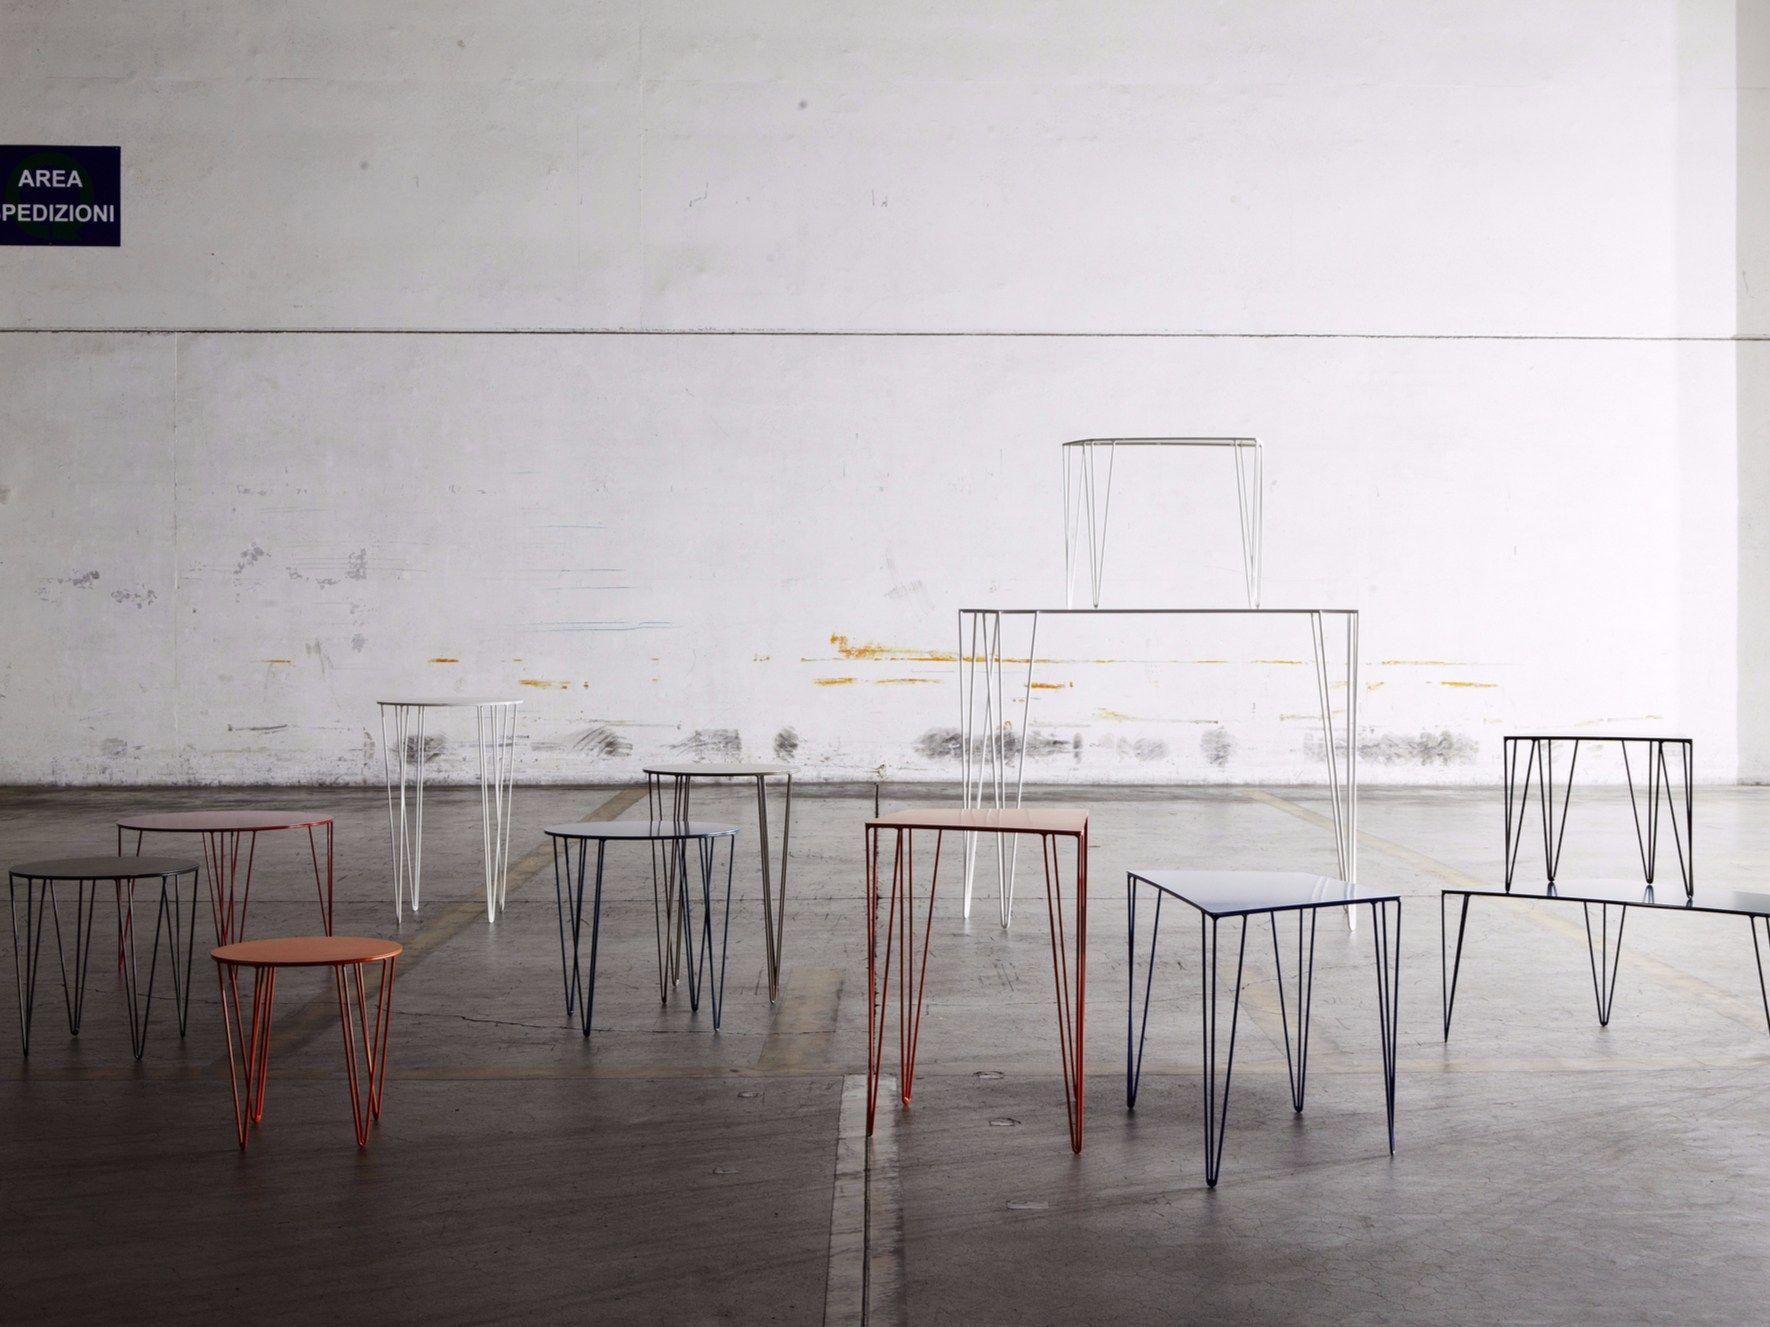 chele rounded tavolino alto collezione tables by atipico design antonino sciortino. Black Bedroom Furniture Sets. Home Design Ideas